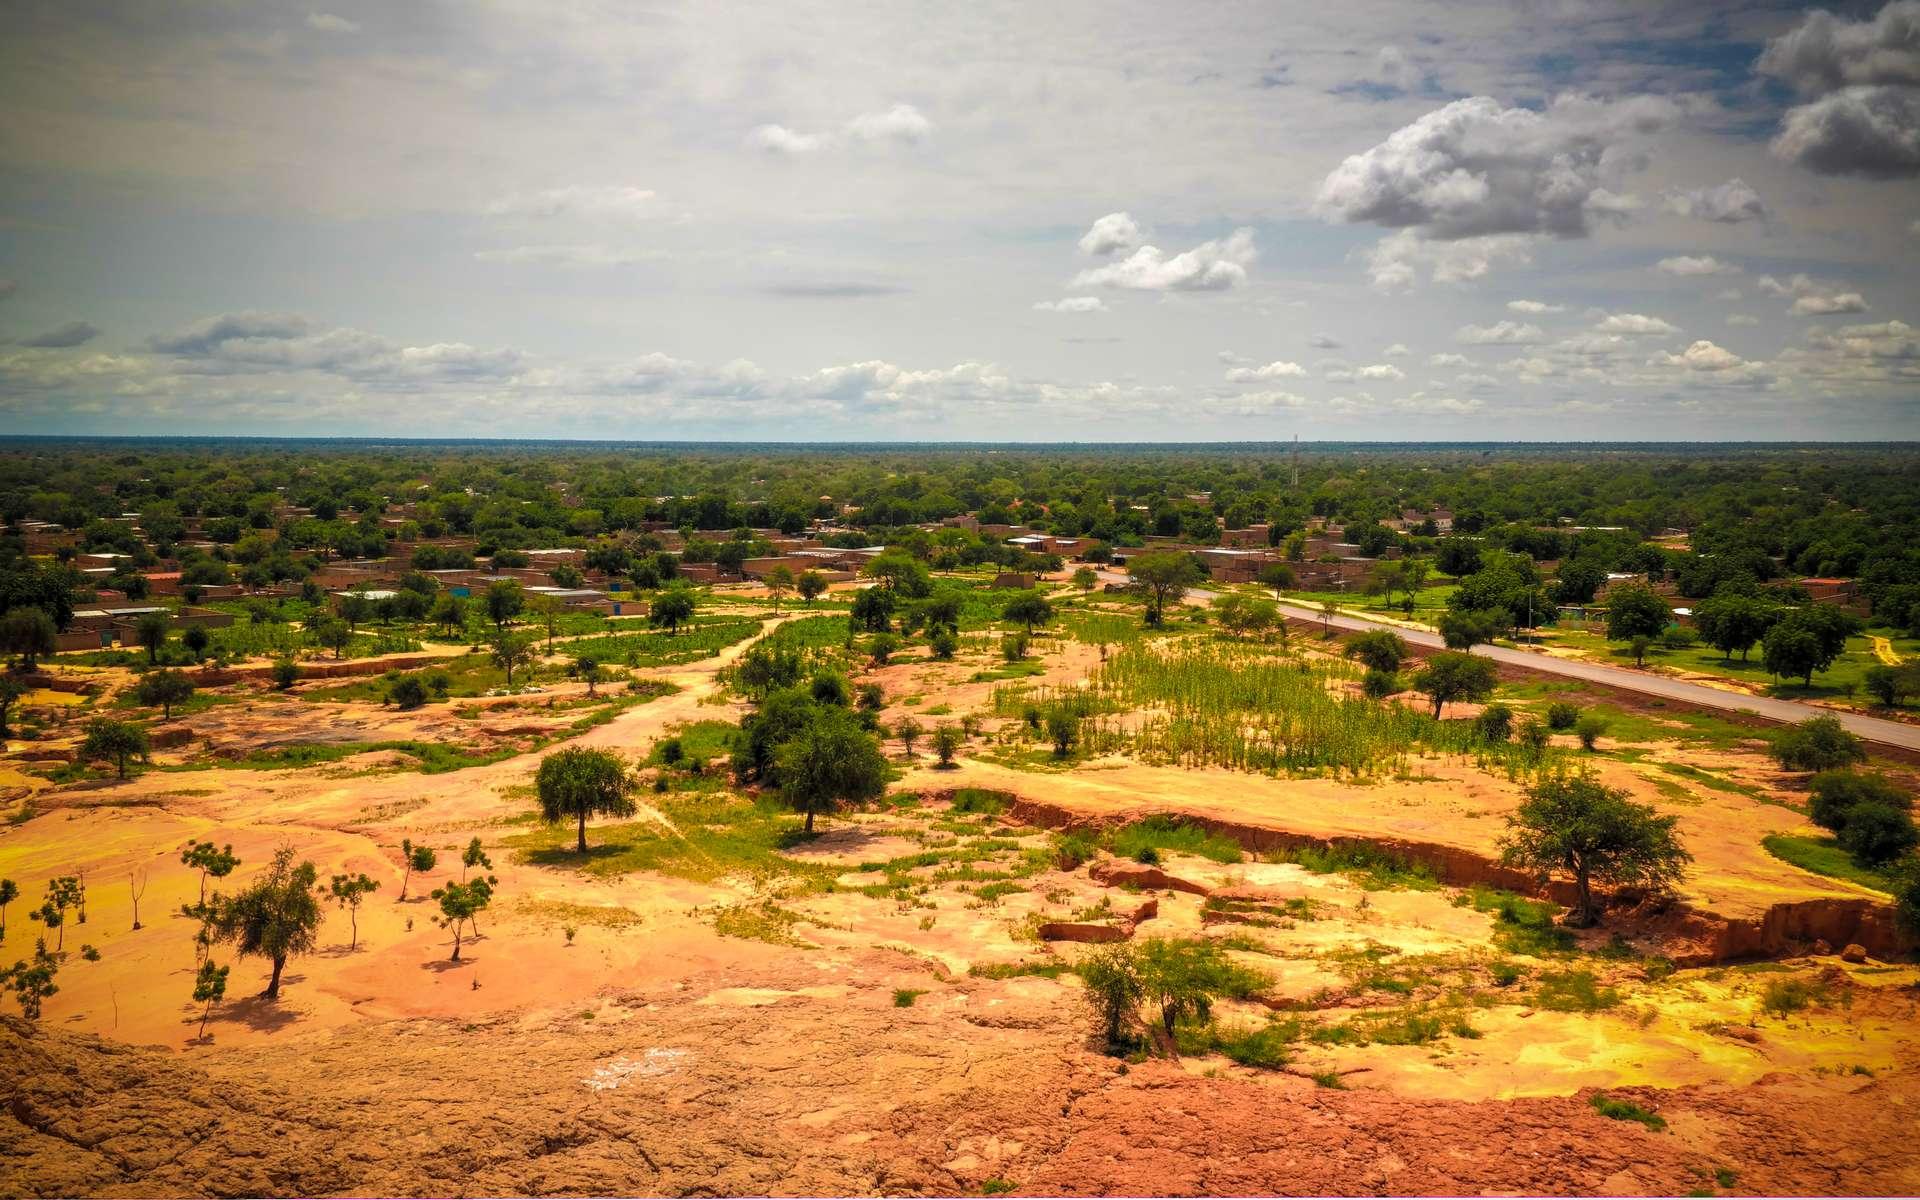 Le Sahel désigne la bande longeant l'Afrique d'ouest en est, qui délimite la partie désertique au nord et les savanes au sud. © homocosmicos, Adobe Stock